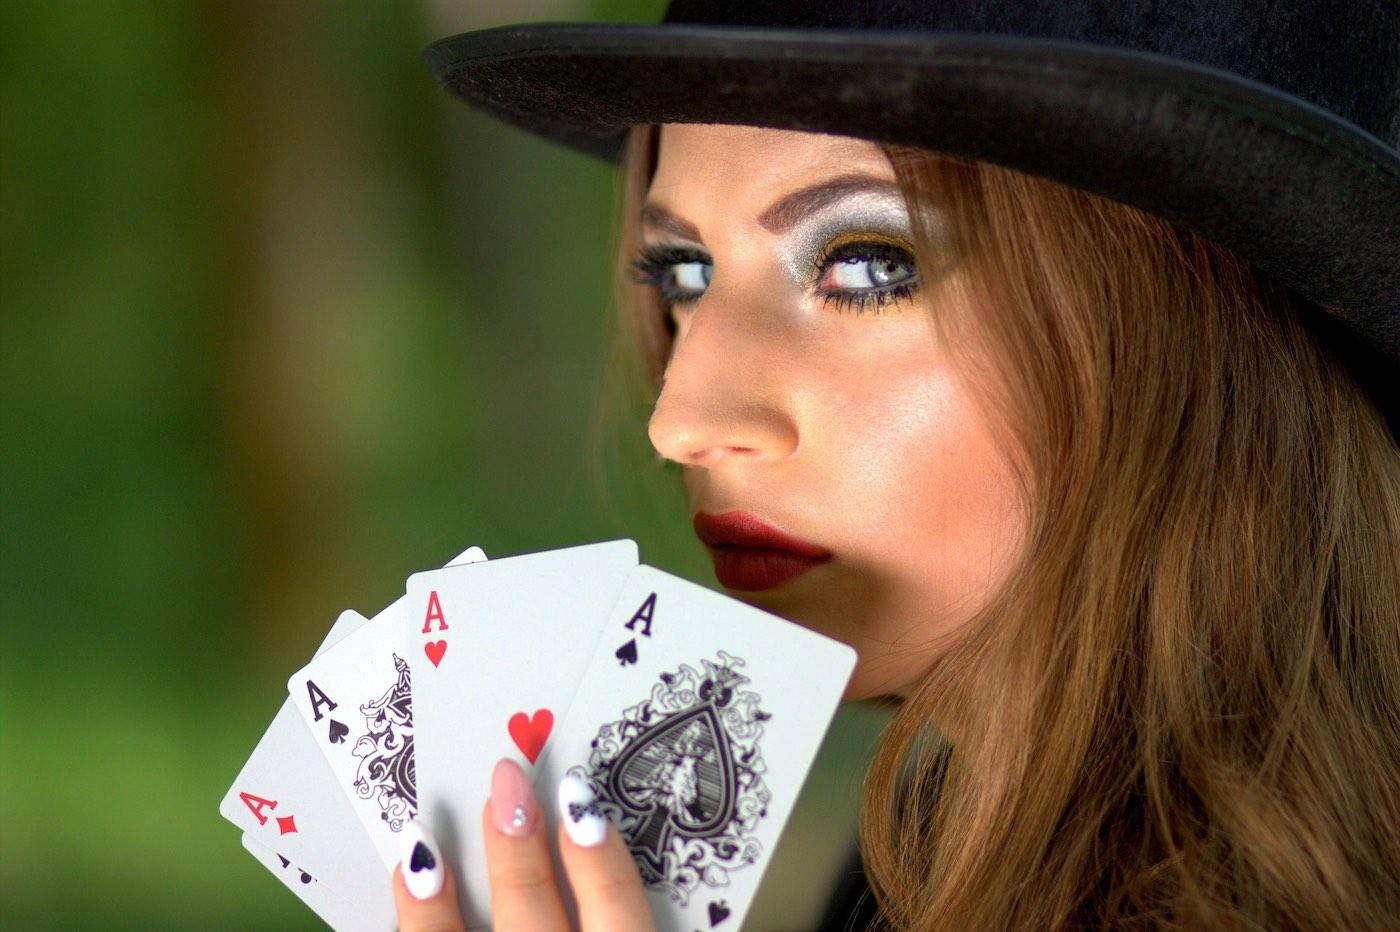 La capacidad analítica de las mujeres las vuelve imparables en el gambling.